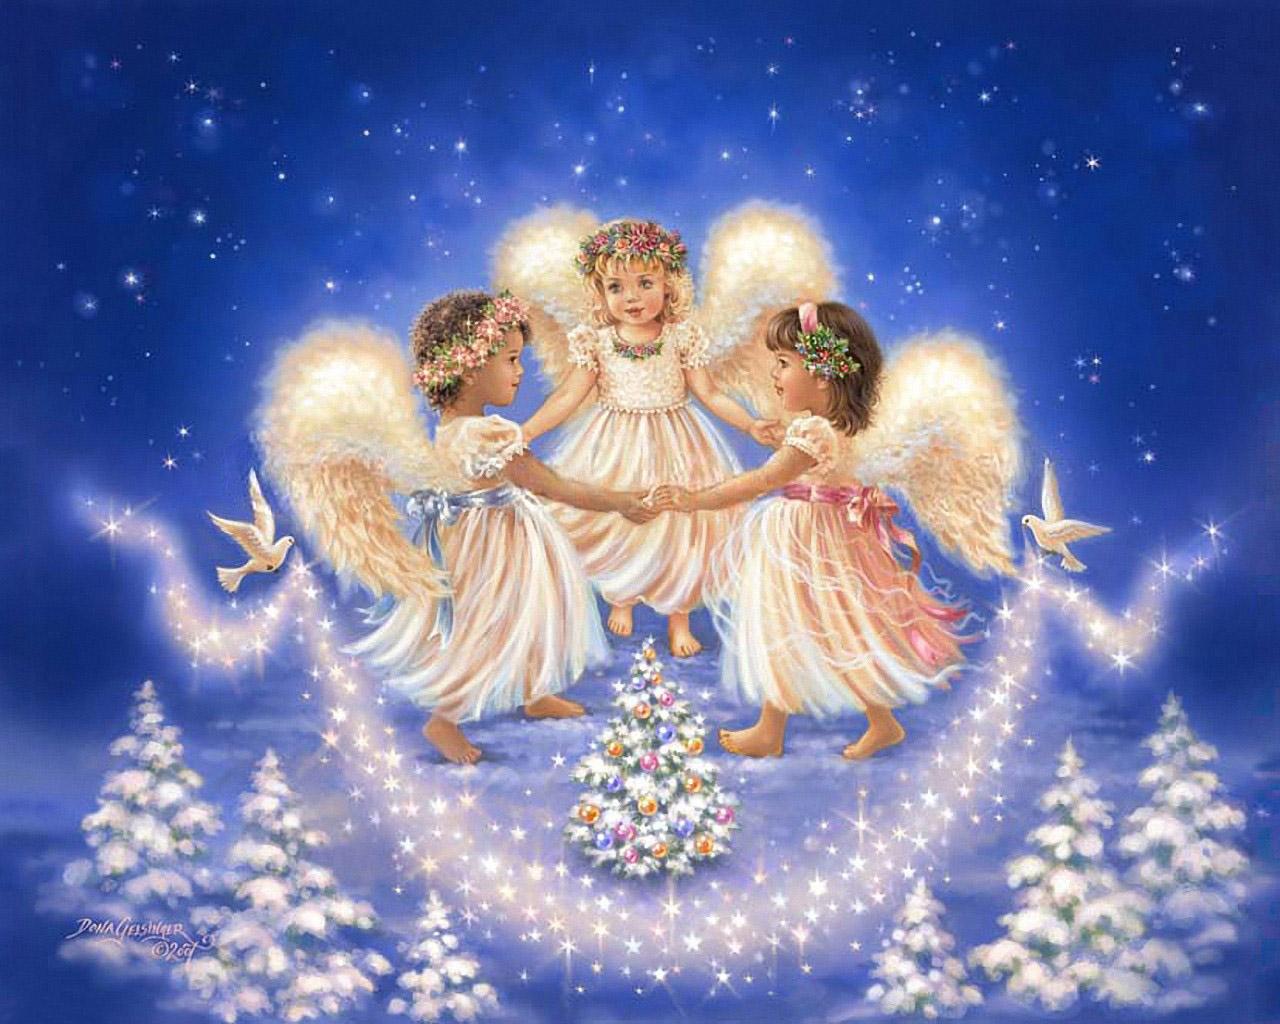 Рождество Христово - Мои статьи ...: vseprazd.ucoz.ru/publ/rozhdestvo_khristovo/1-1-0-15